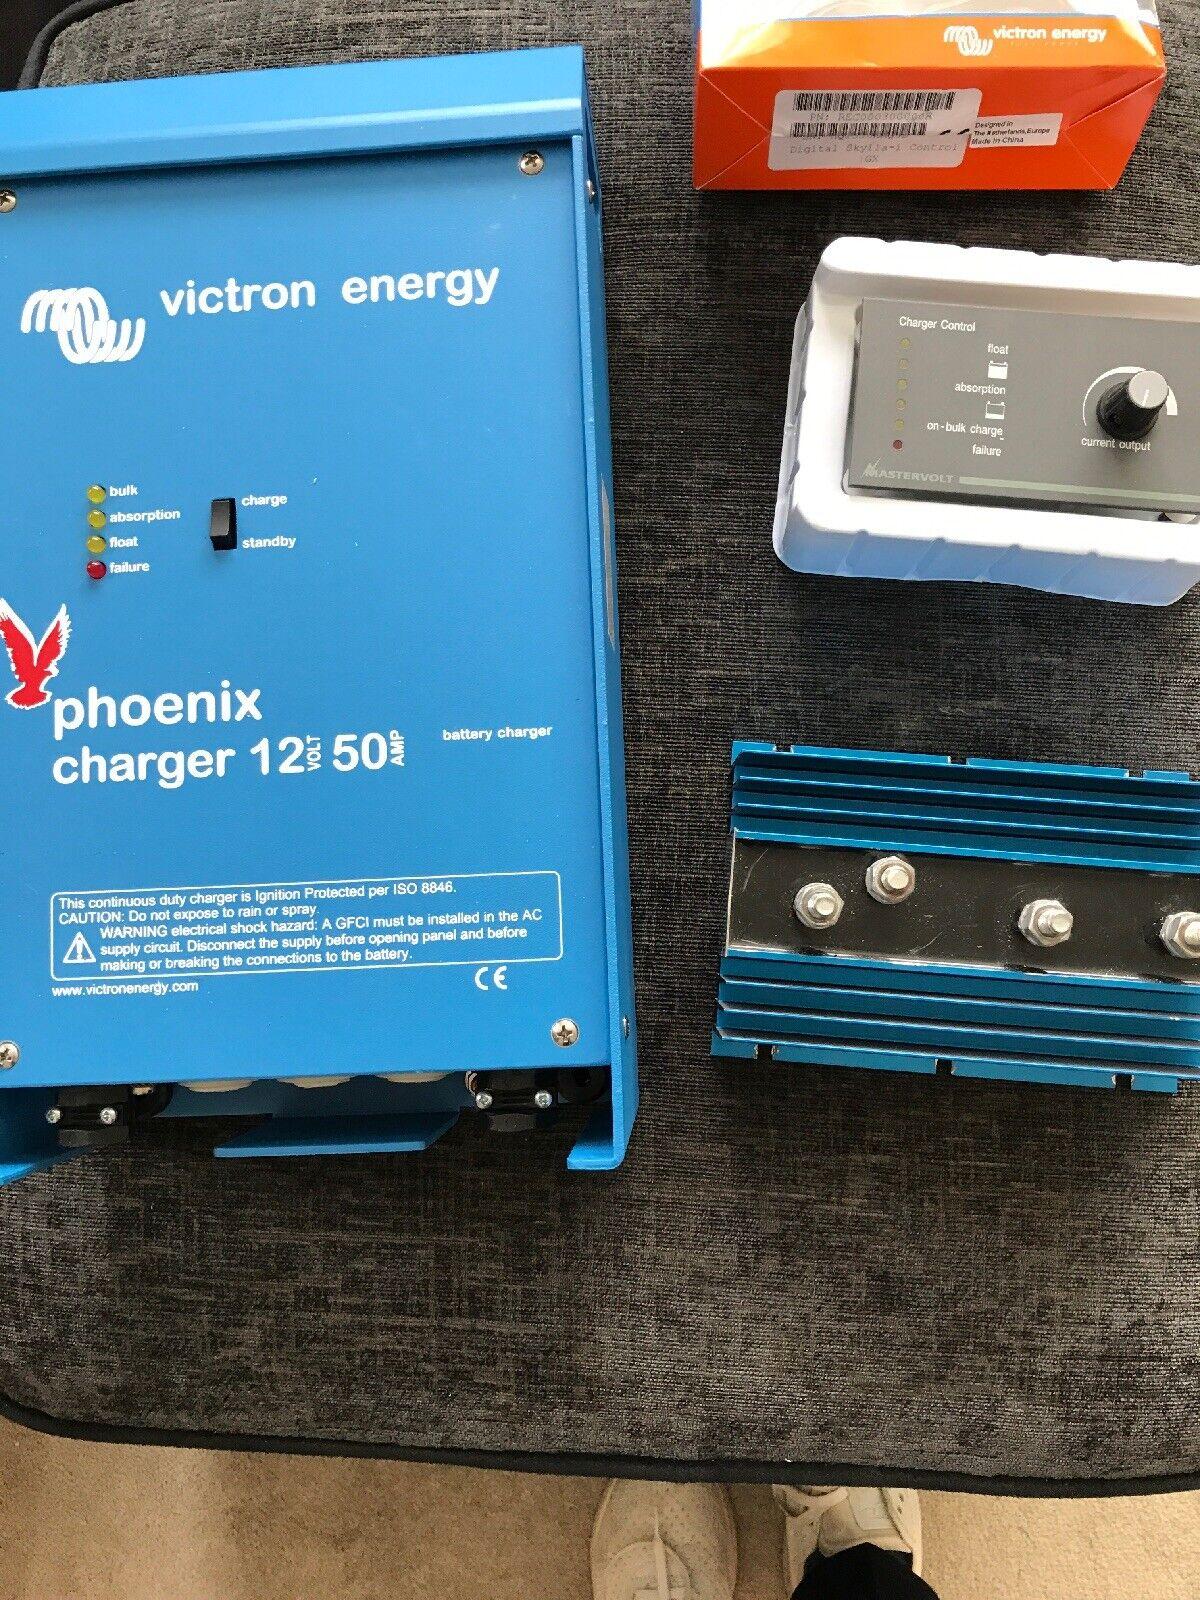 Phoenix-Cargador 12//50 2 -Cargador de bater/ía victron-energy